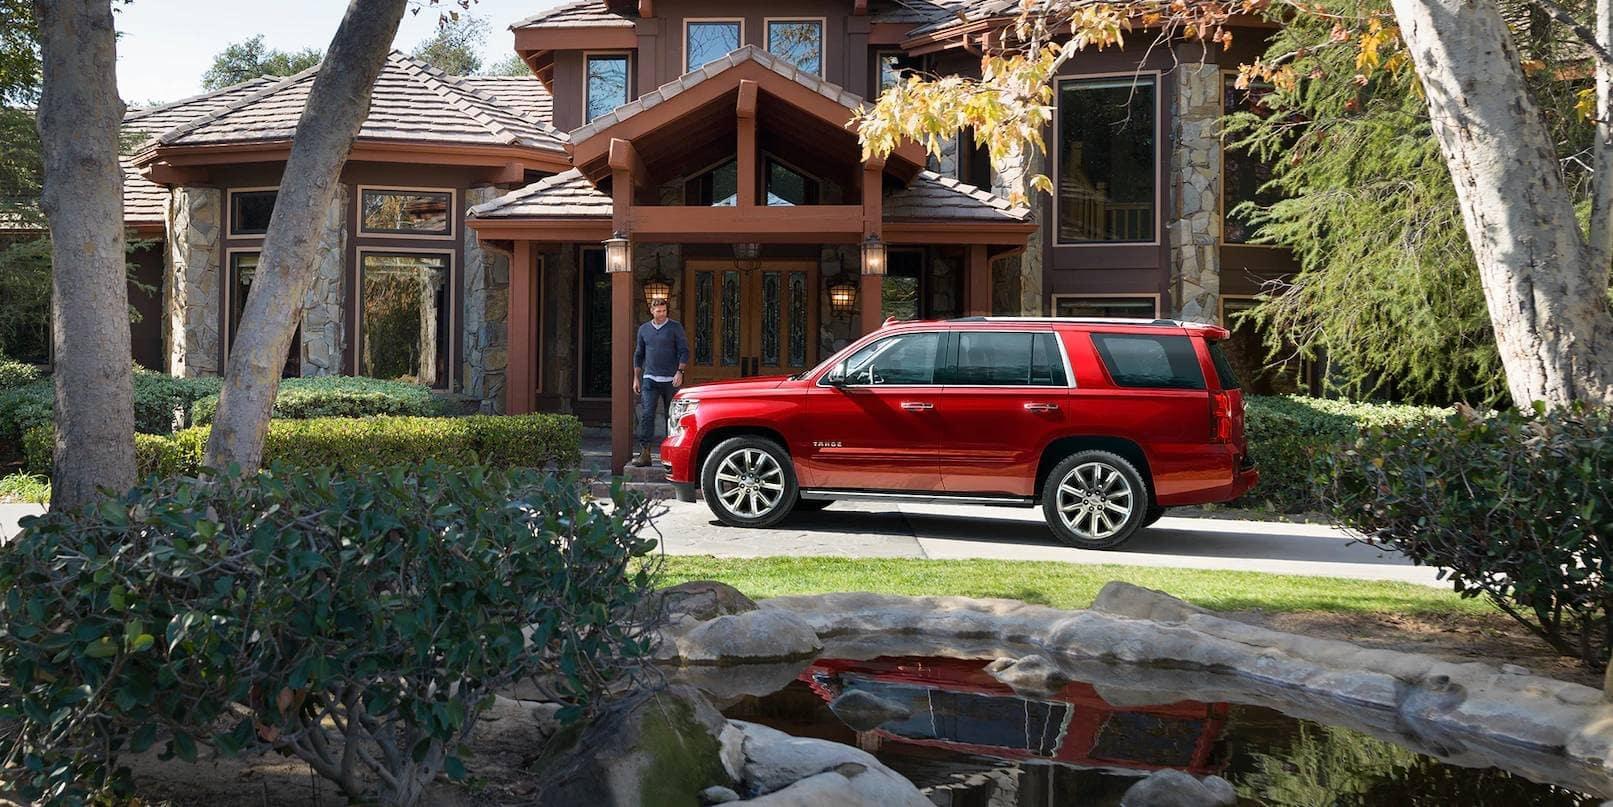 2019-Chevrolet-Tahoe-EXTERIOR-2